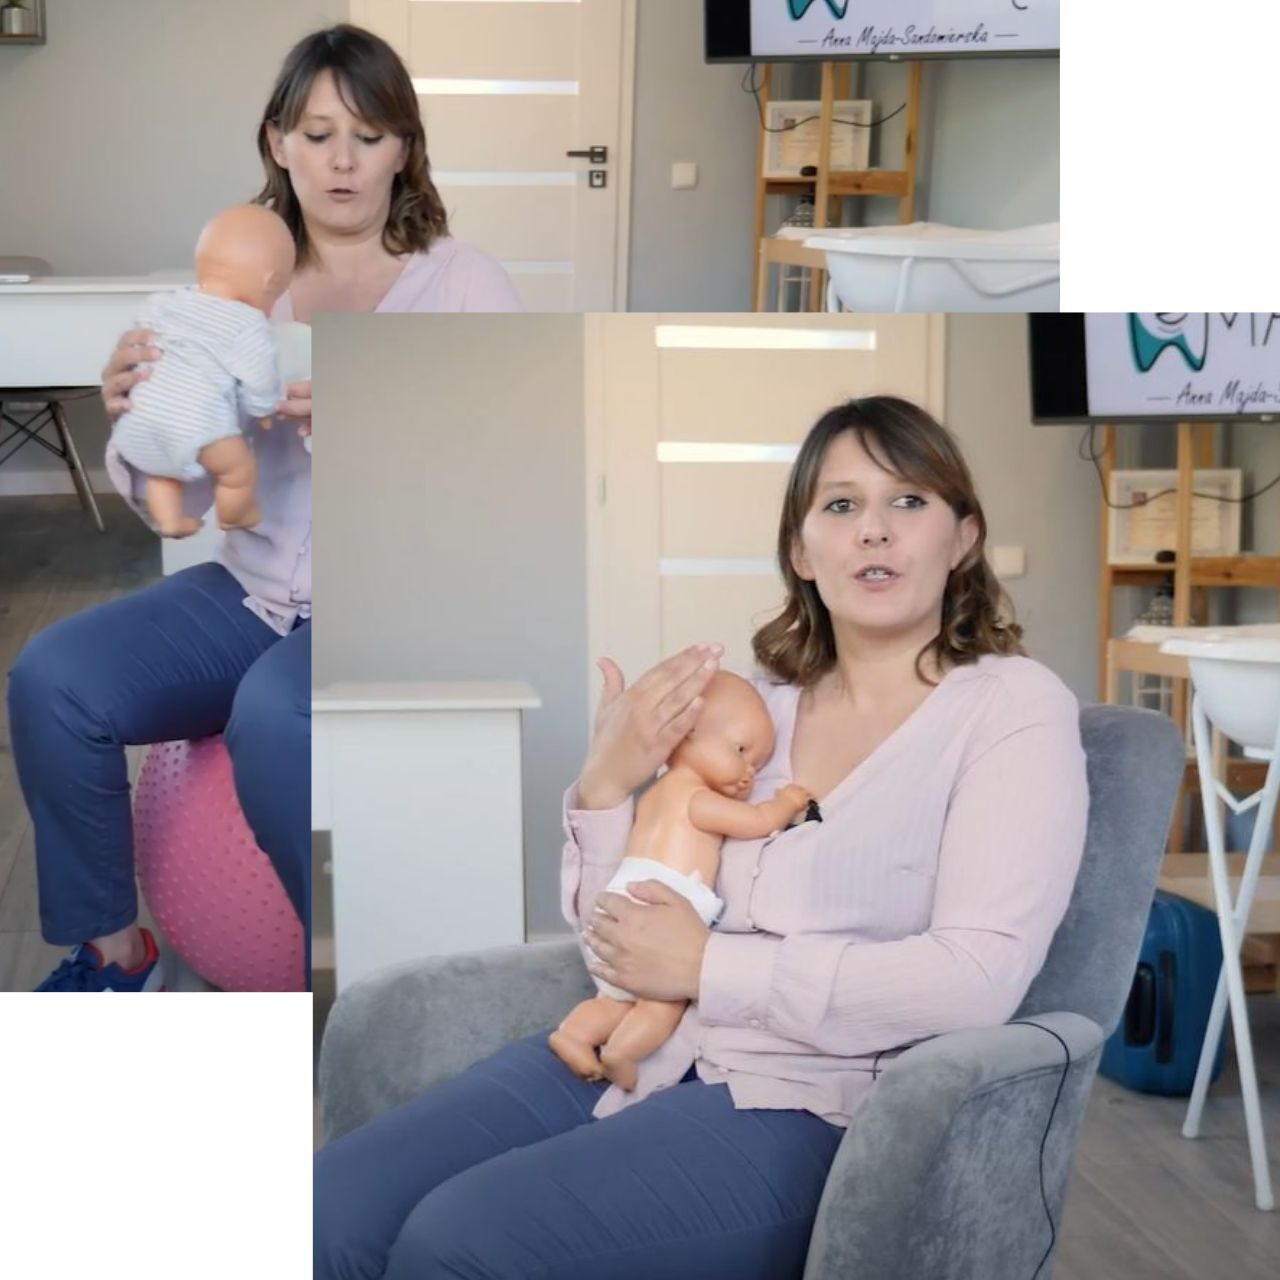 https://www.poloznamama.pl/wp-content/uploads/2020/10/szkola-rodzenia-online-1280x1280.jpg